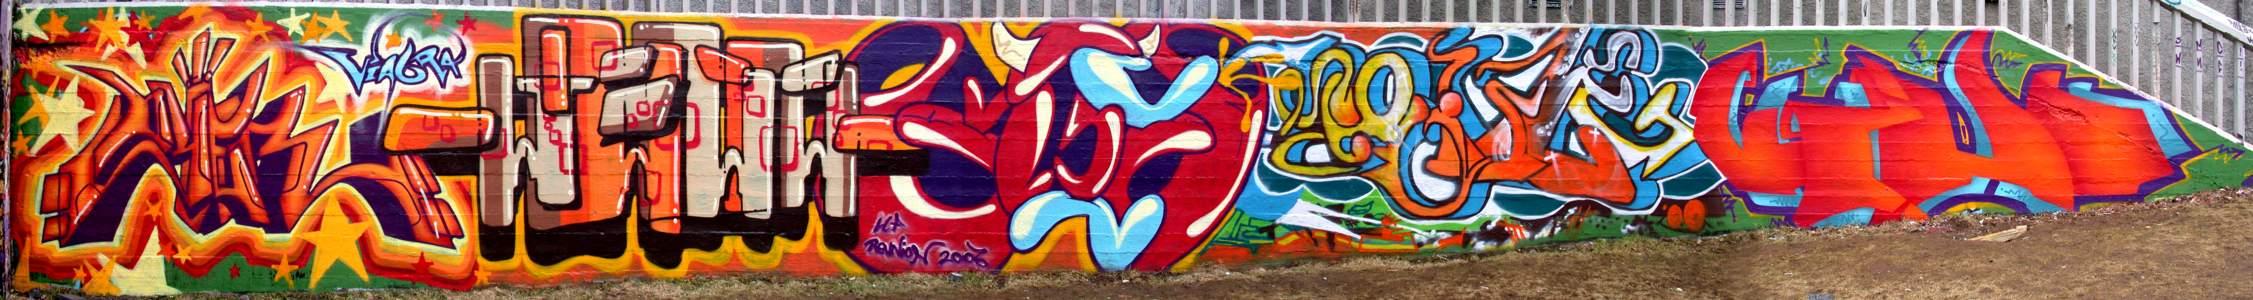 awww.graffiti.org_kez_lcfreunion2003a.jpg